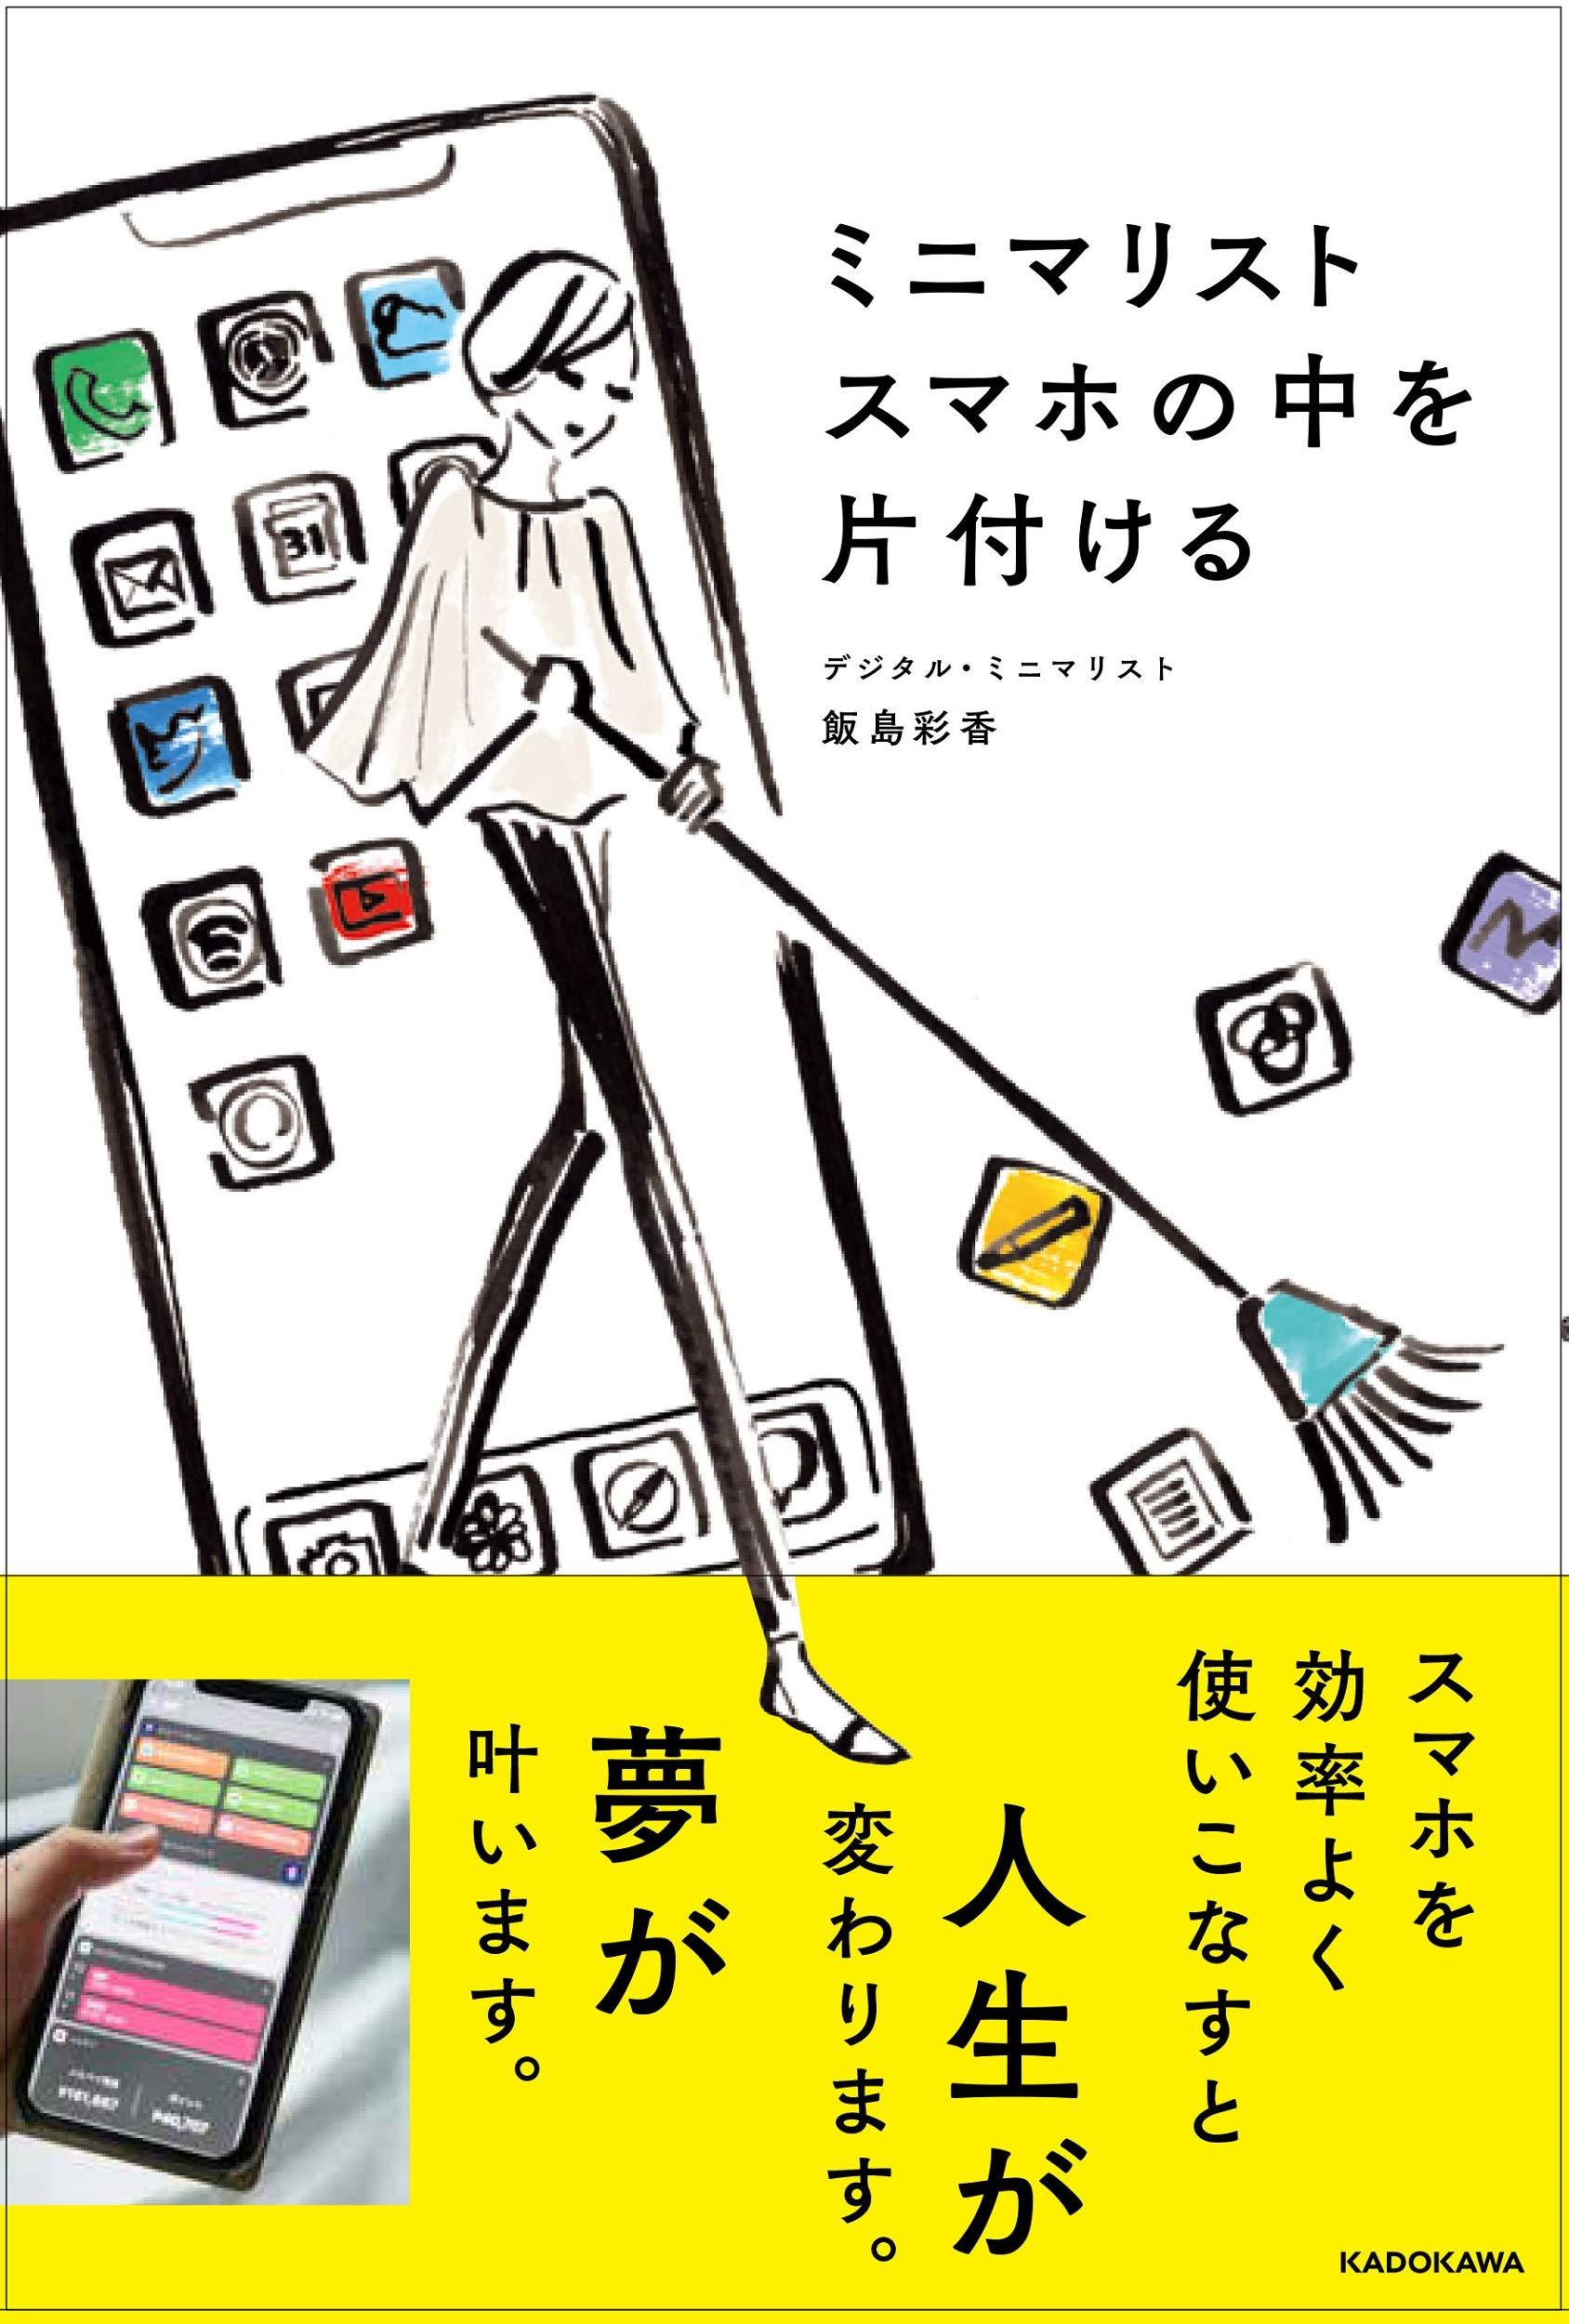 ミニマ リスト デジタル 24時間総合印刷サービス|東京リスマチックのツールづくりのお手伝い